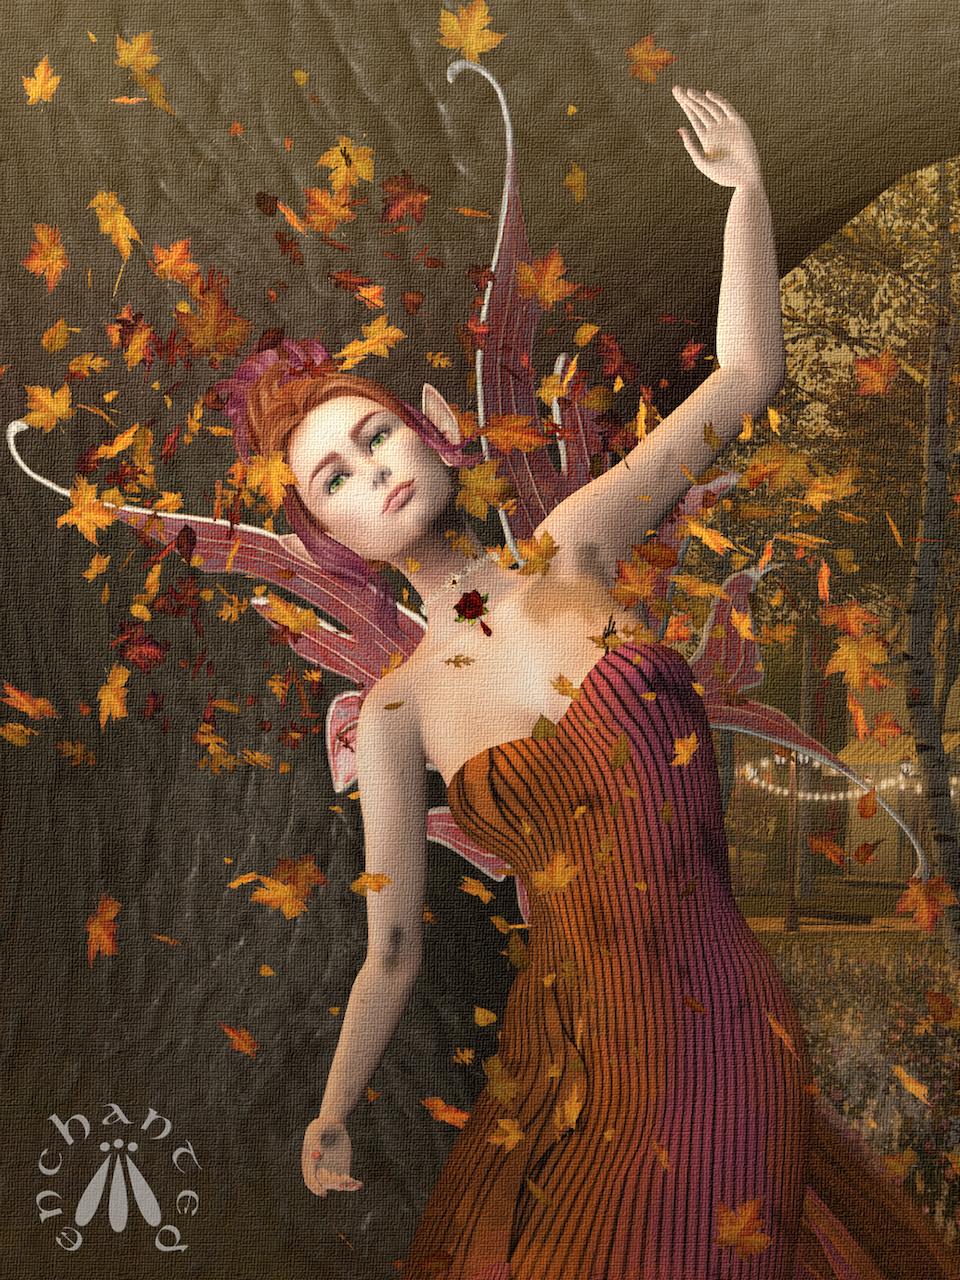 2017.10.22.autumndance - 1